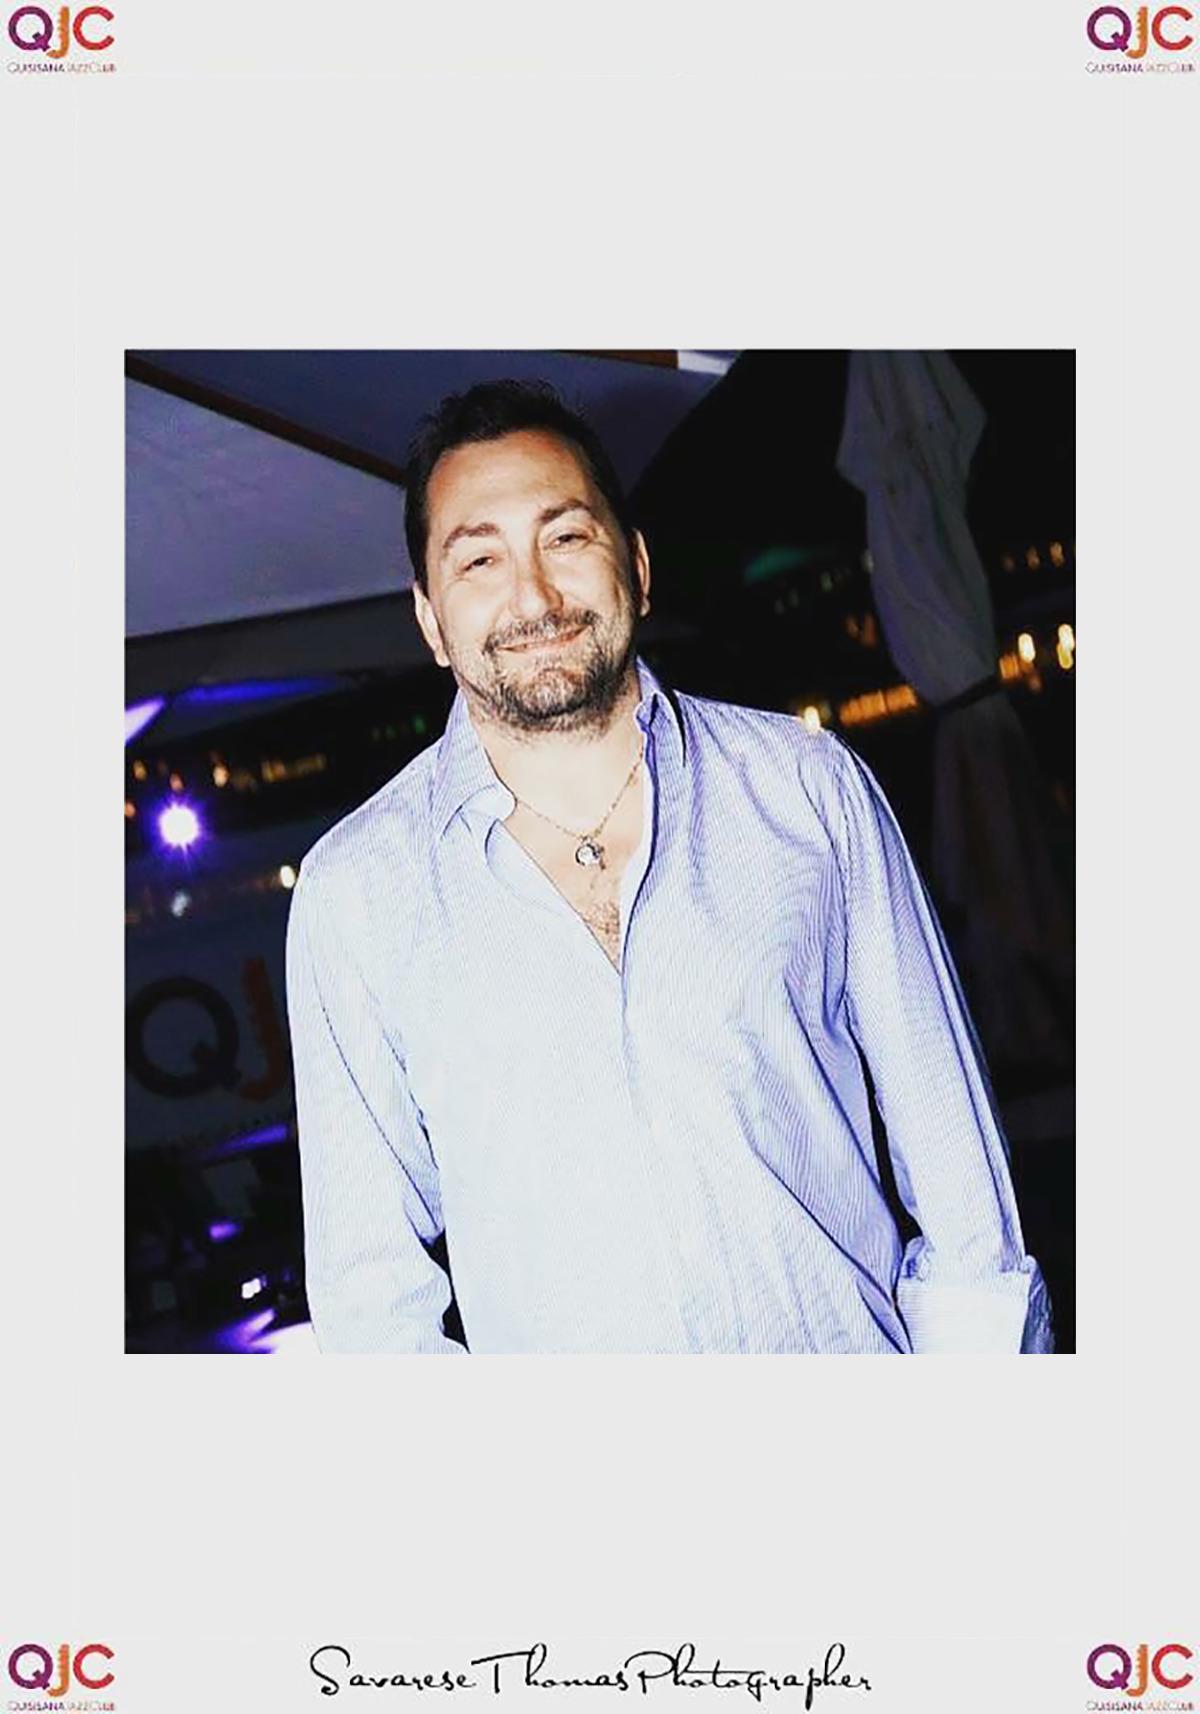 L'avvocato Alexandro Maria Tirelli fotografato al Quisisana Jazz Club in occasione di una festa di beneficenza